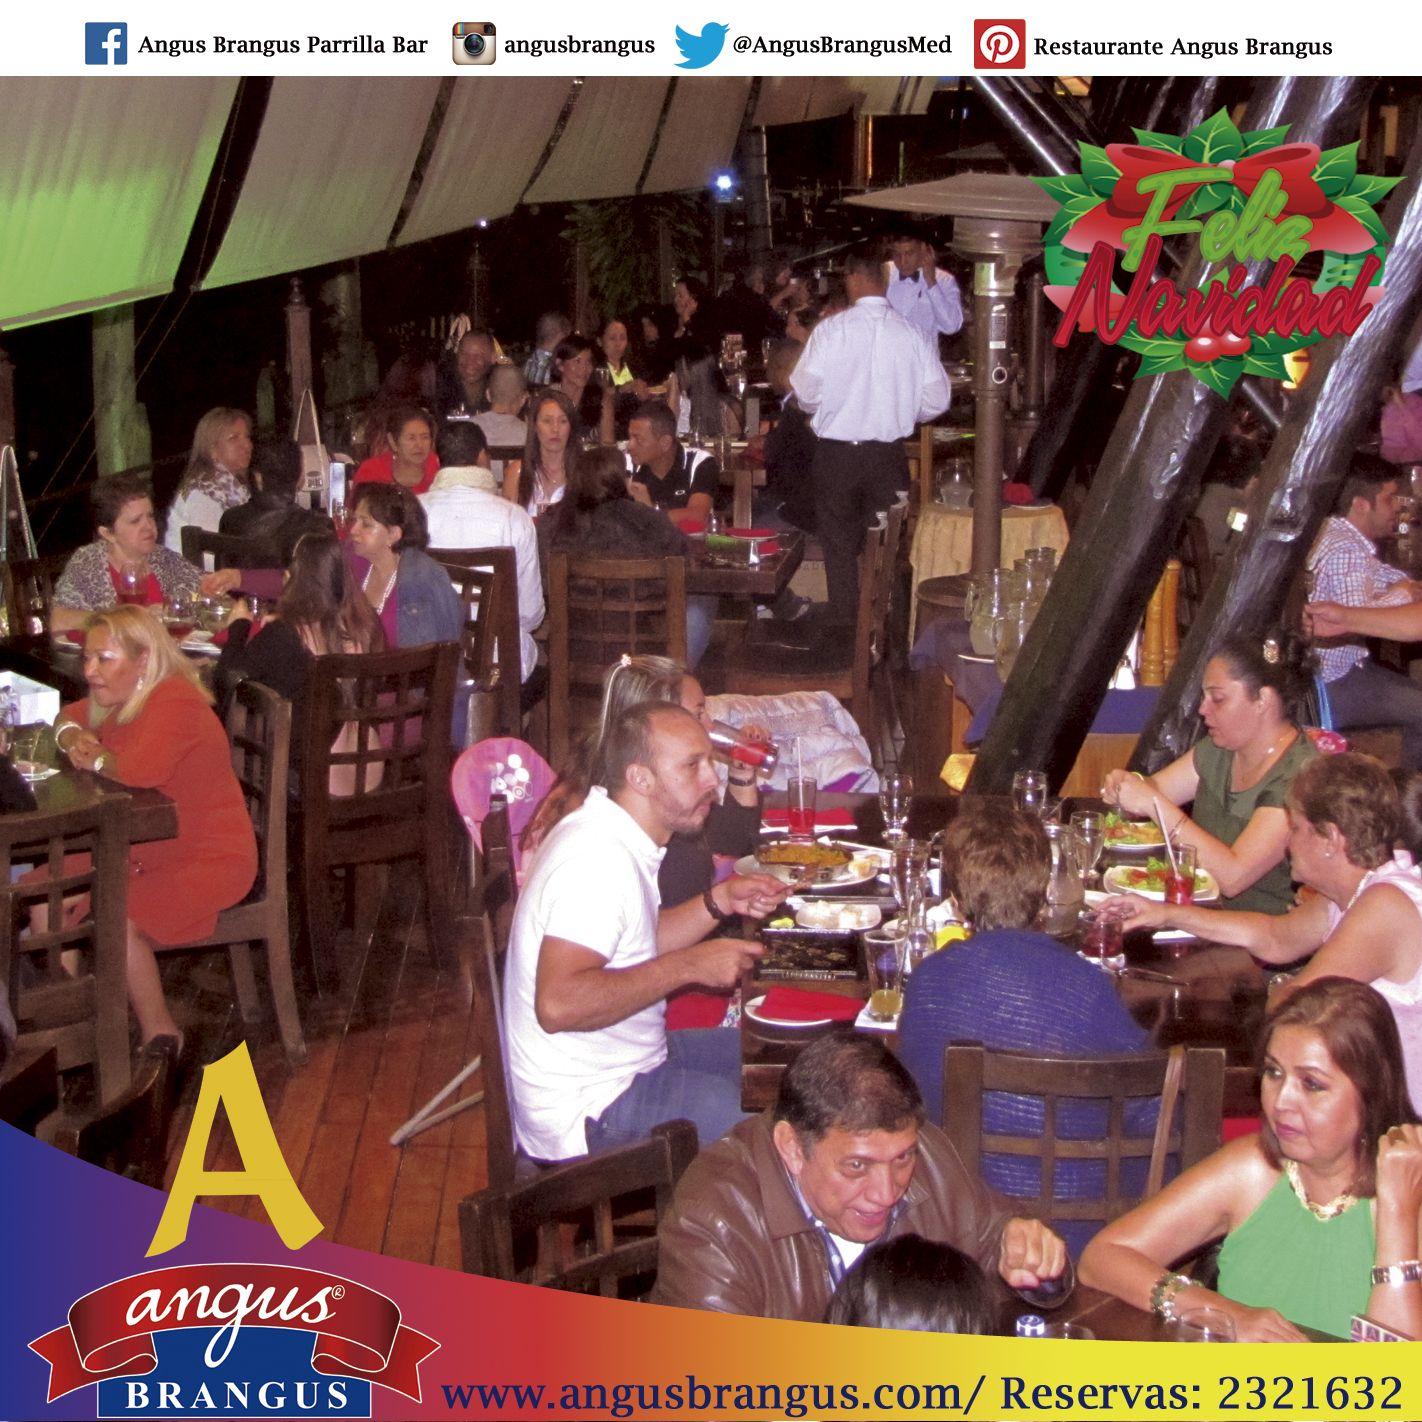 En Angus Brangus siempre hay un motivo para compartir en familia, con tu pareja o con amigos.   #RestaurantesMedellín #carnes #Medellín #LasPalmas #OpciónHoy #ComerAfuera #RestaurantesVíaPalmas #AngusBrangus #RestaurantesEspecializados #ComerAfuera #Hoy #Musicaenvivo